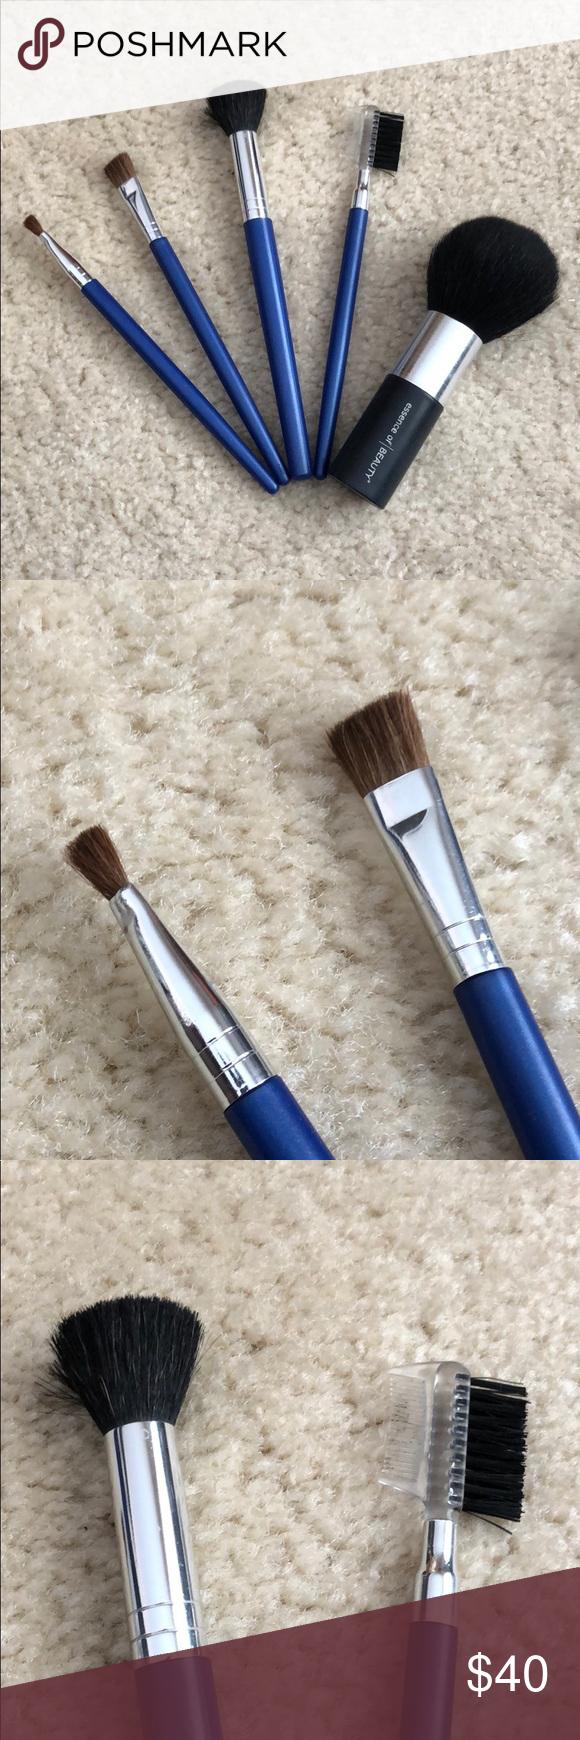 Beginner Makeup Brush Set Makeup brush set, Makeup